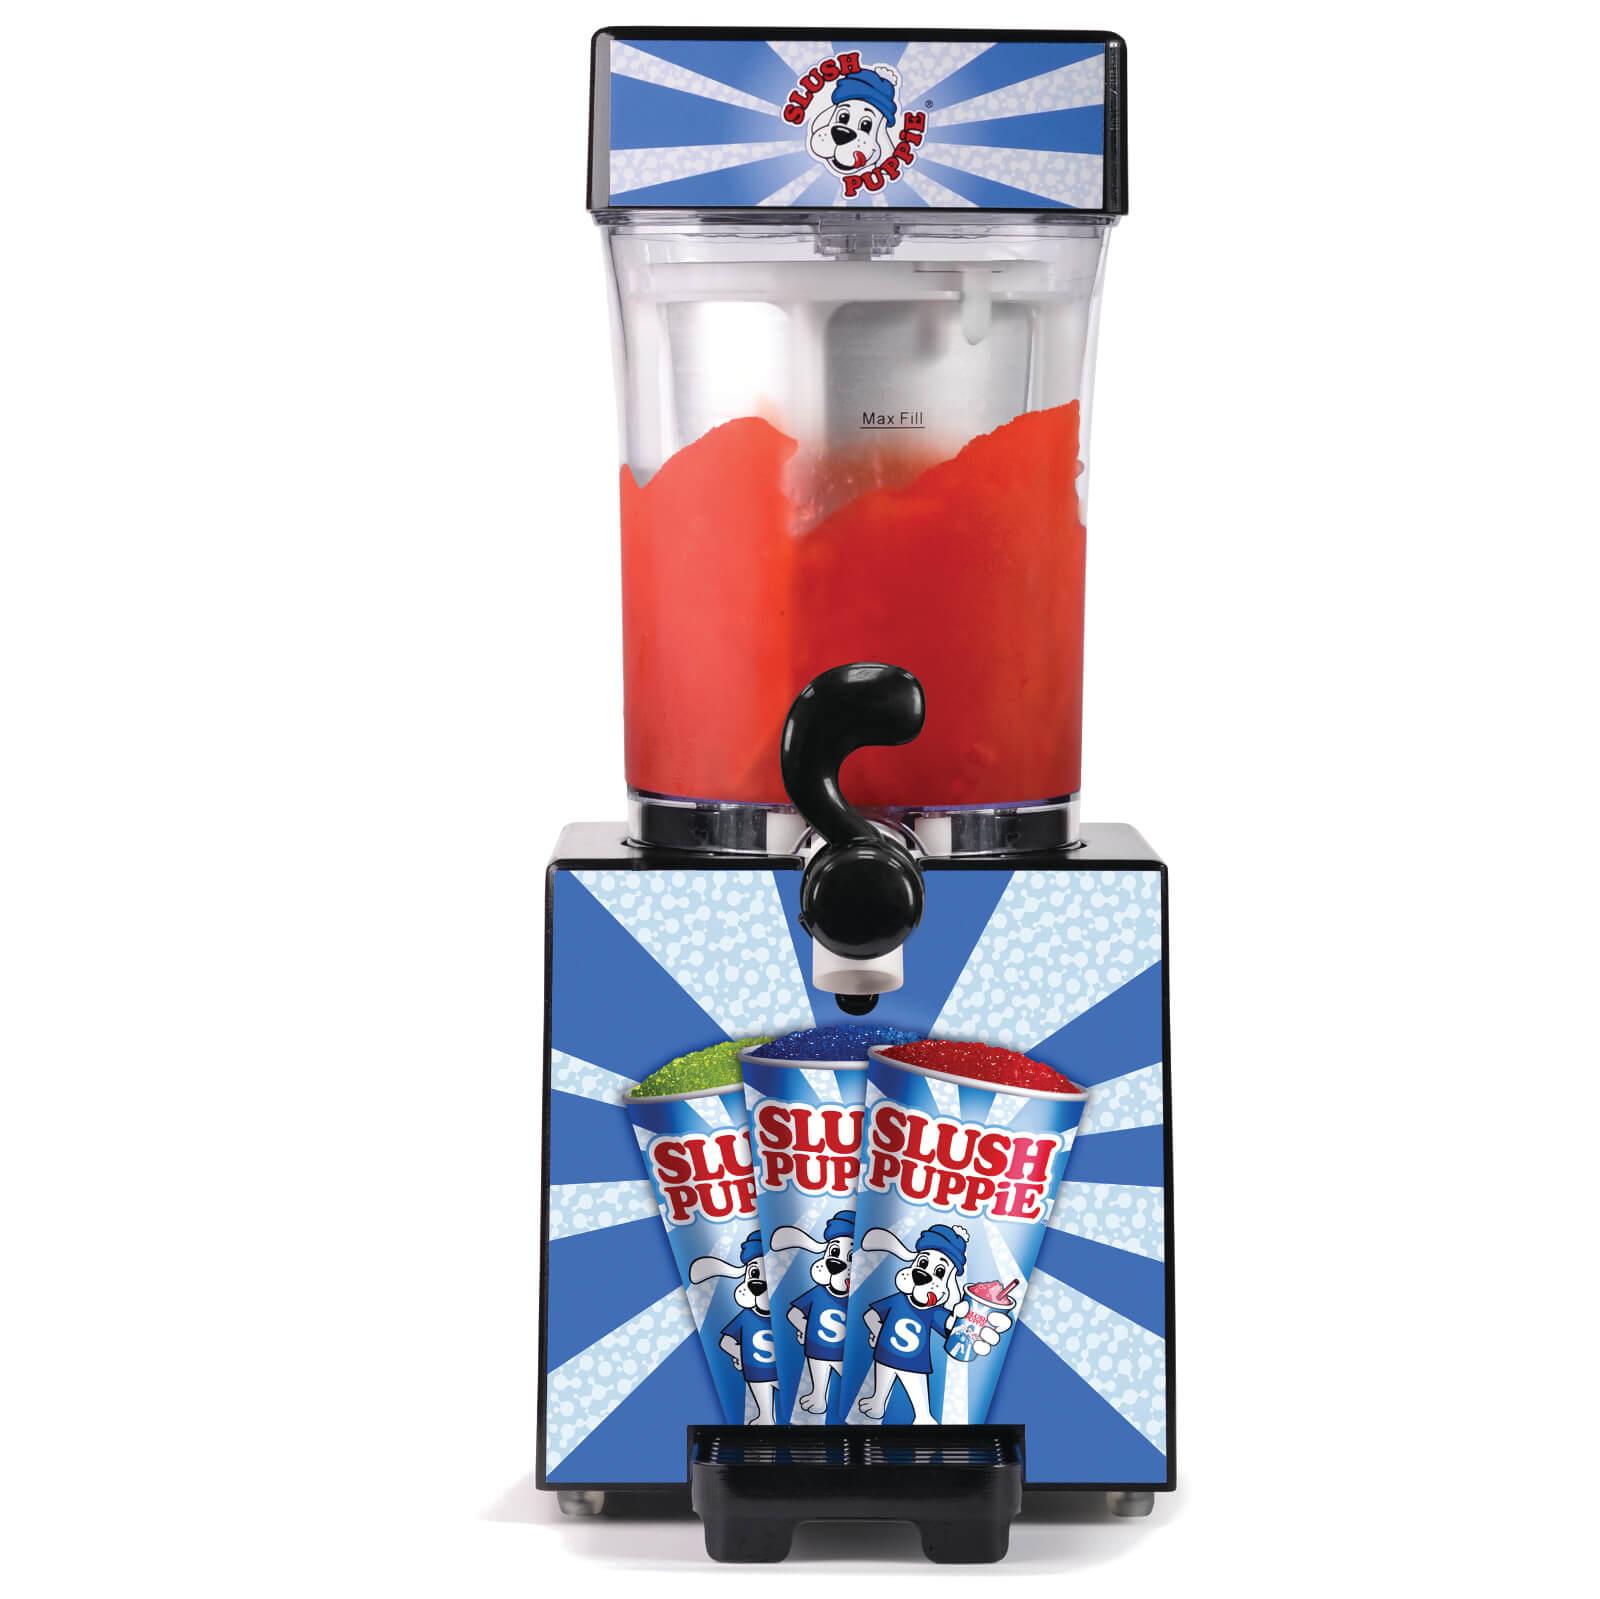 Slush Puppie Maschine für 1 Liter gefrorenen Slush [sowaswillichauch] (vorbestellen)